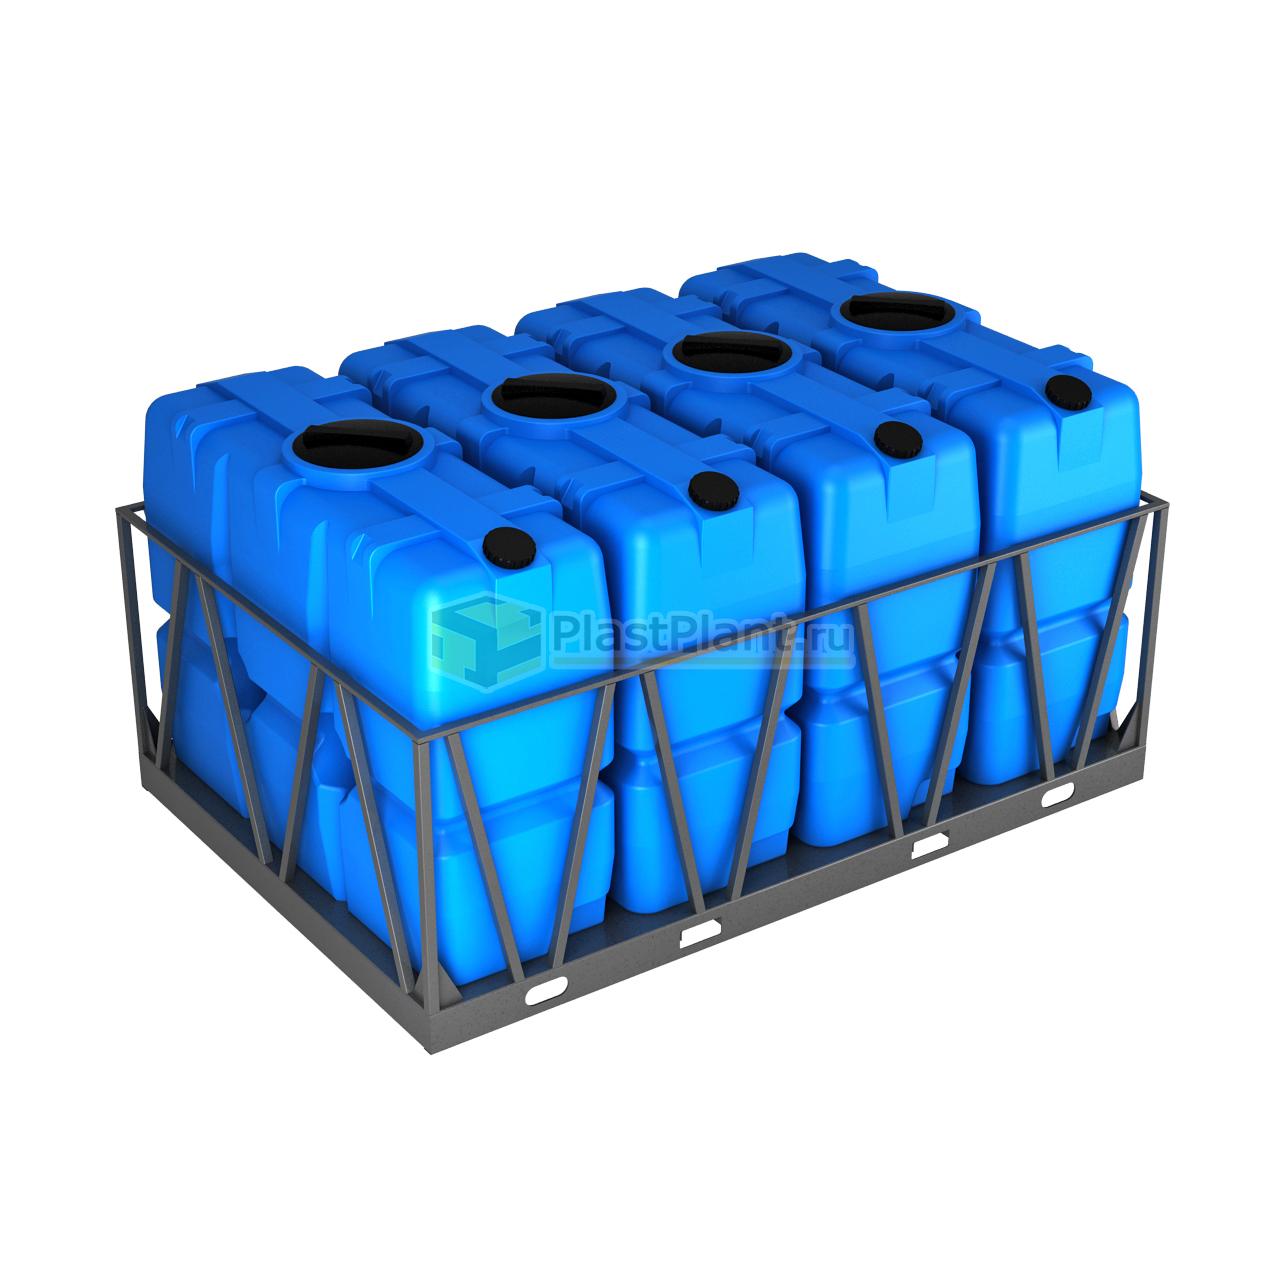 Бак 2000 литров серии SK в обрешетке кассета 4 шт - купить в компании ПластПлэнт